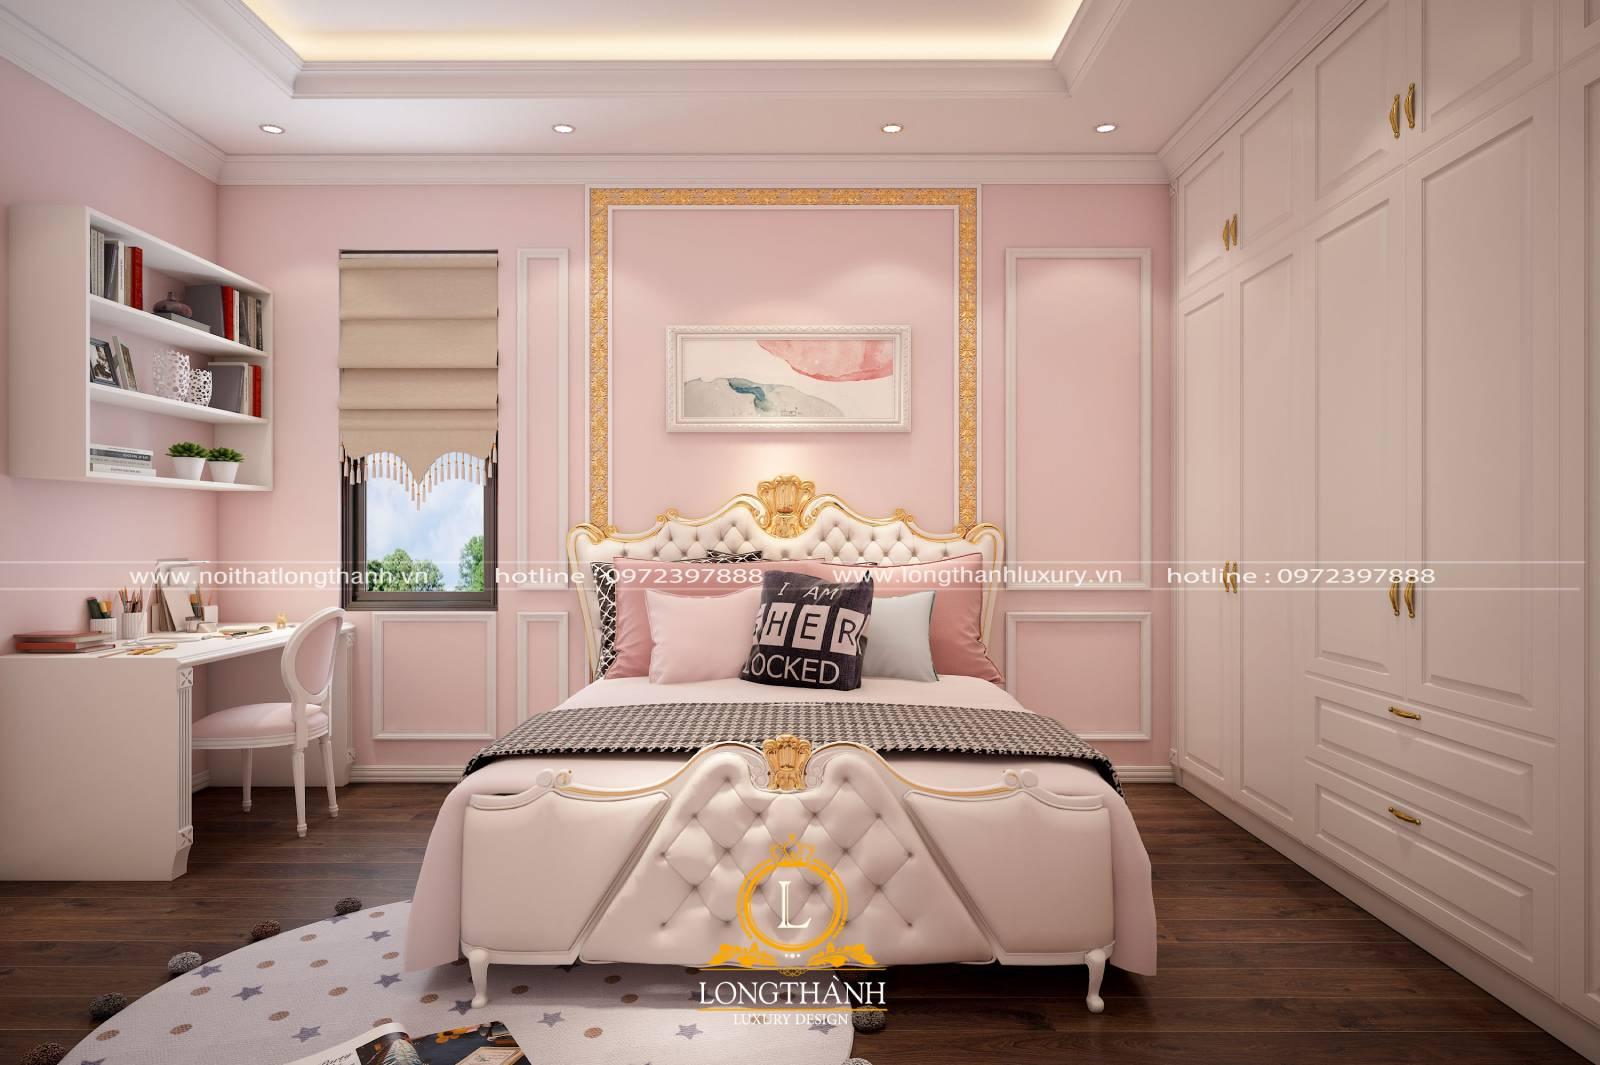 Phòng ngủ tân cổ điển cho chung cư - Nhỏ nhưng đầy đủ tiện nghi